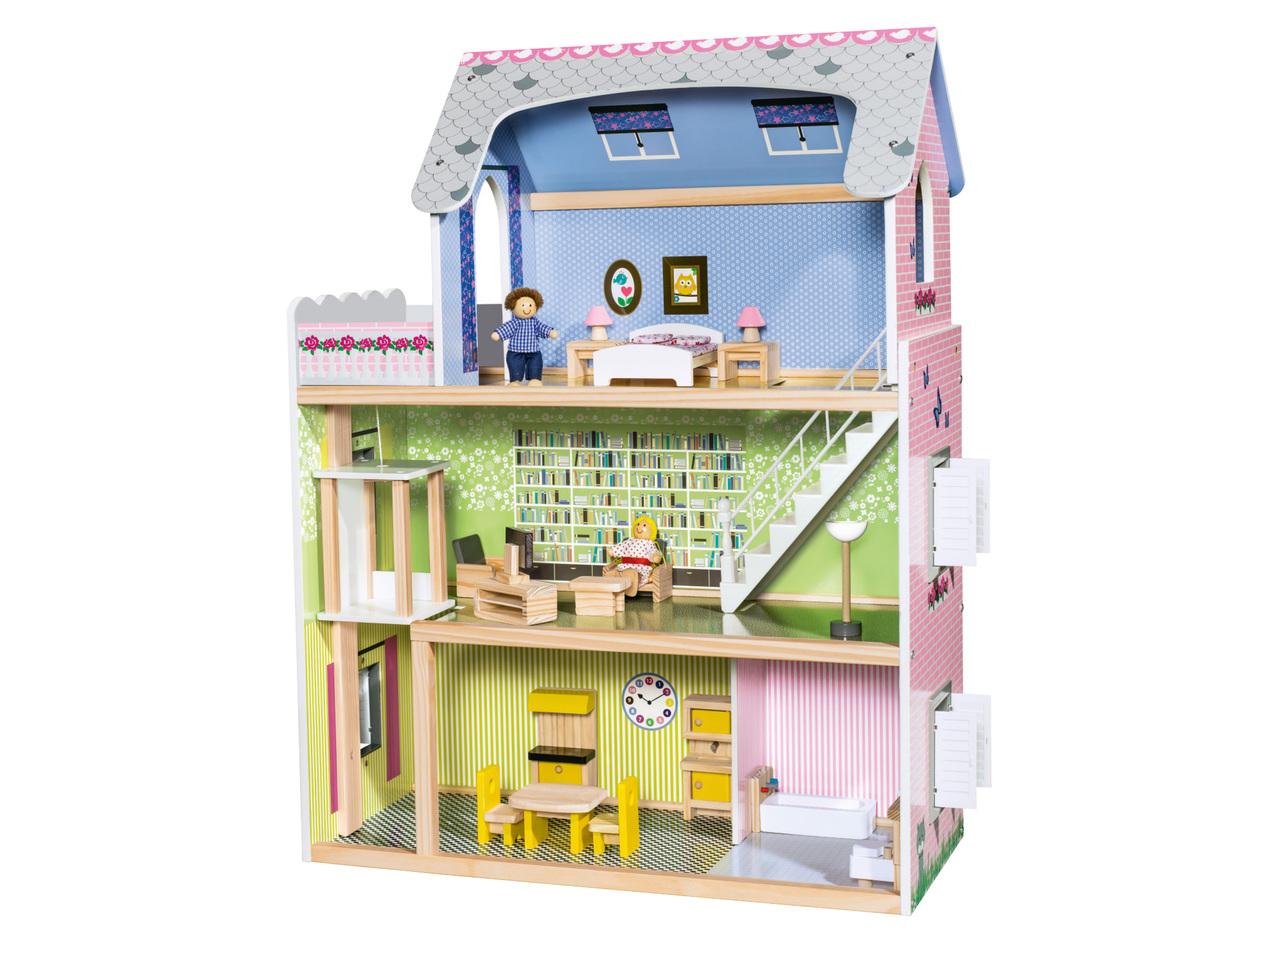 houten dollhouse 59.99 - Geweldig (budget!) houten speelgoed tips voor Sinterklaas